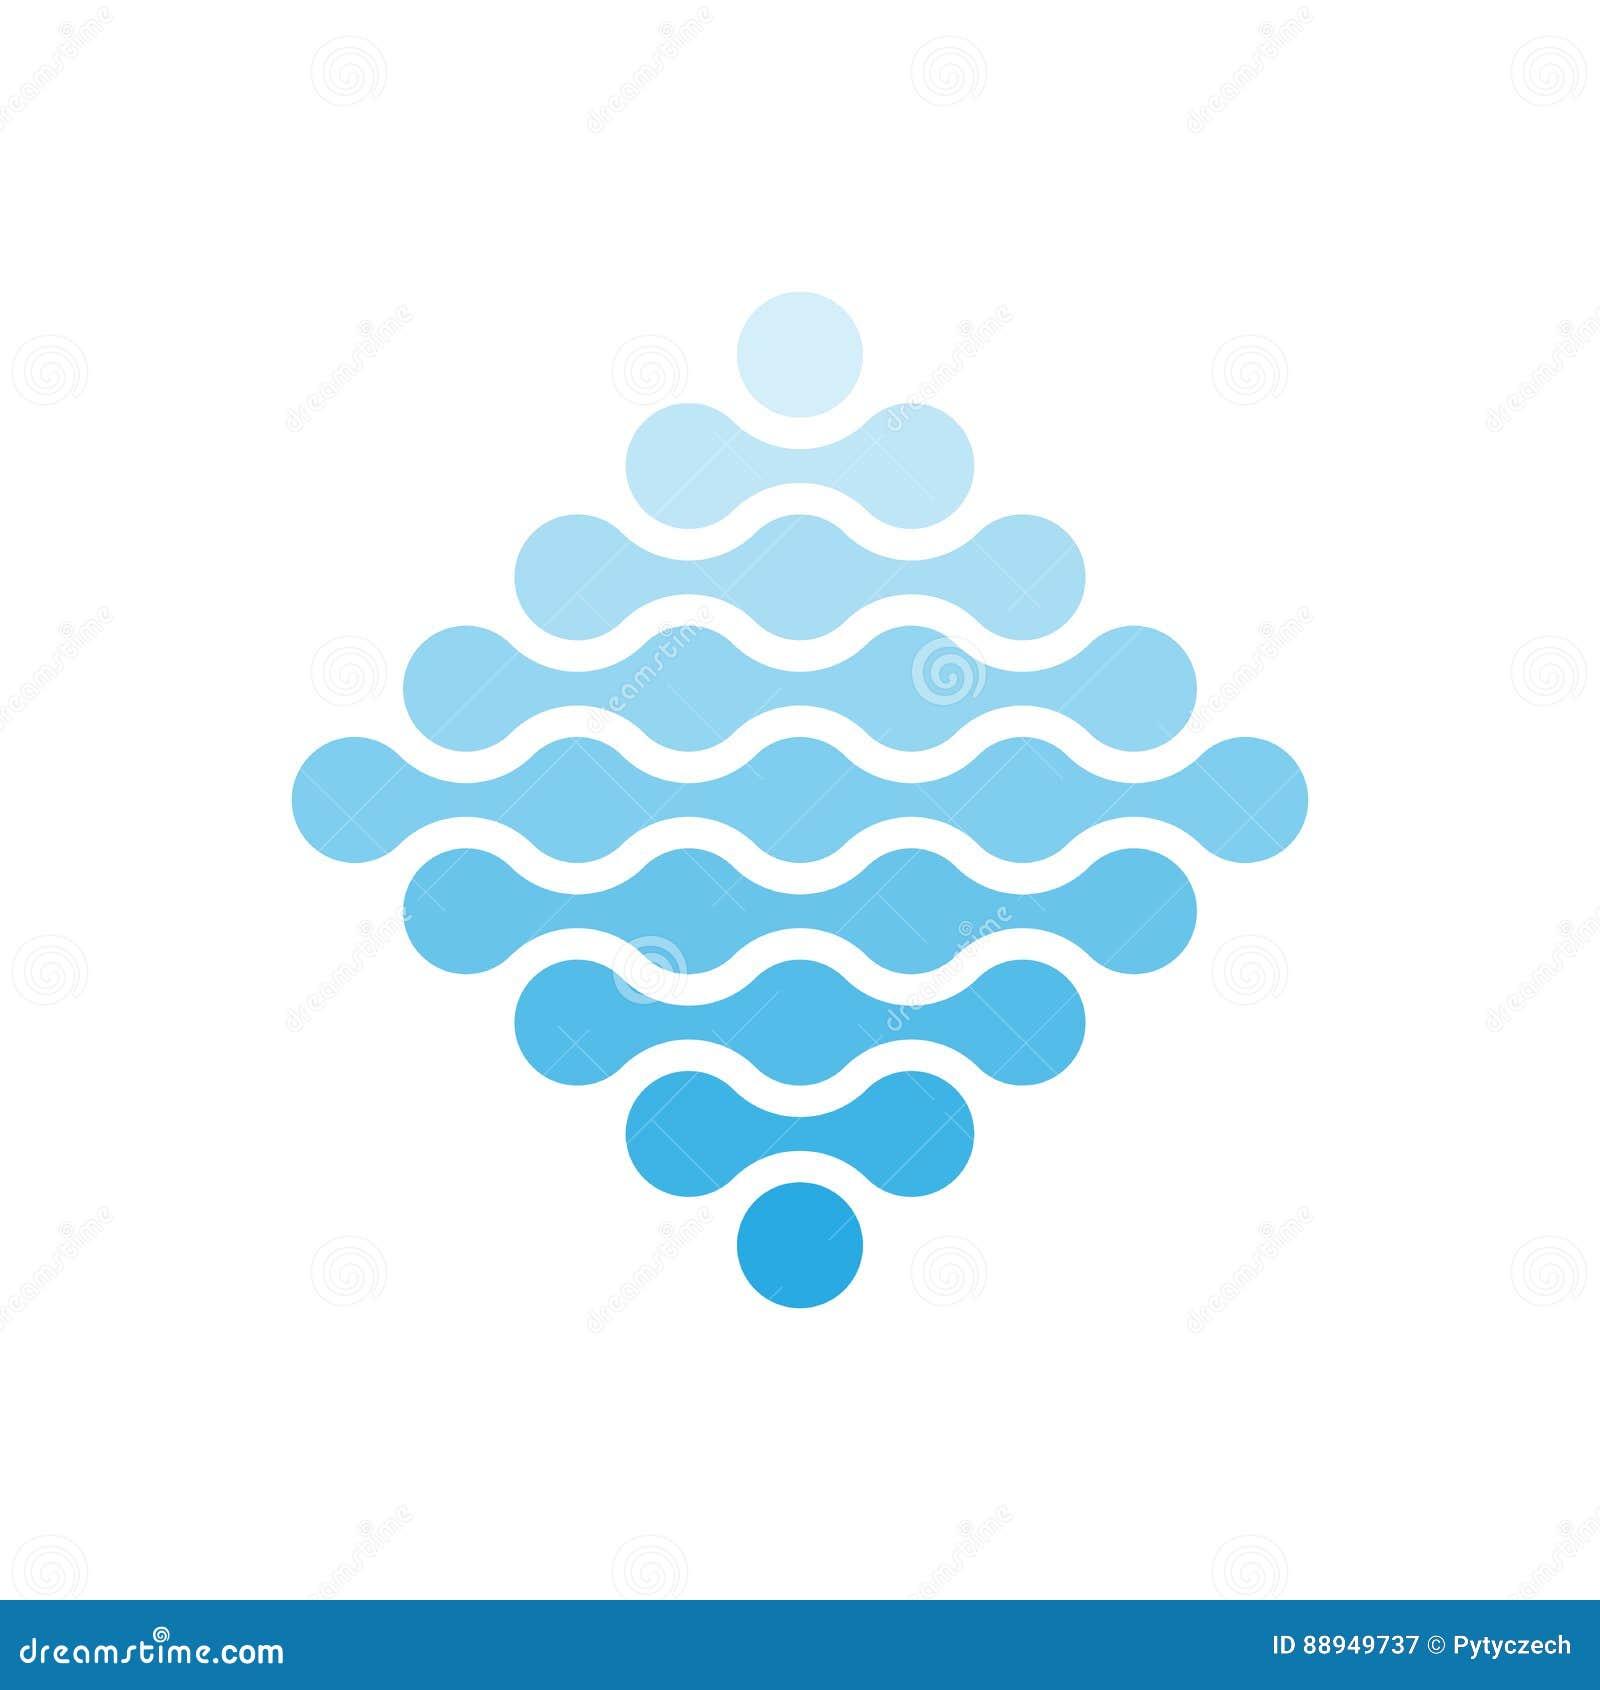 Puntos conectados en una forma del Rhombus y de sombras del azul Concepto del tema del agua Elemento abstracto del diseño Vector